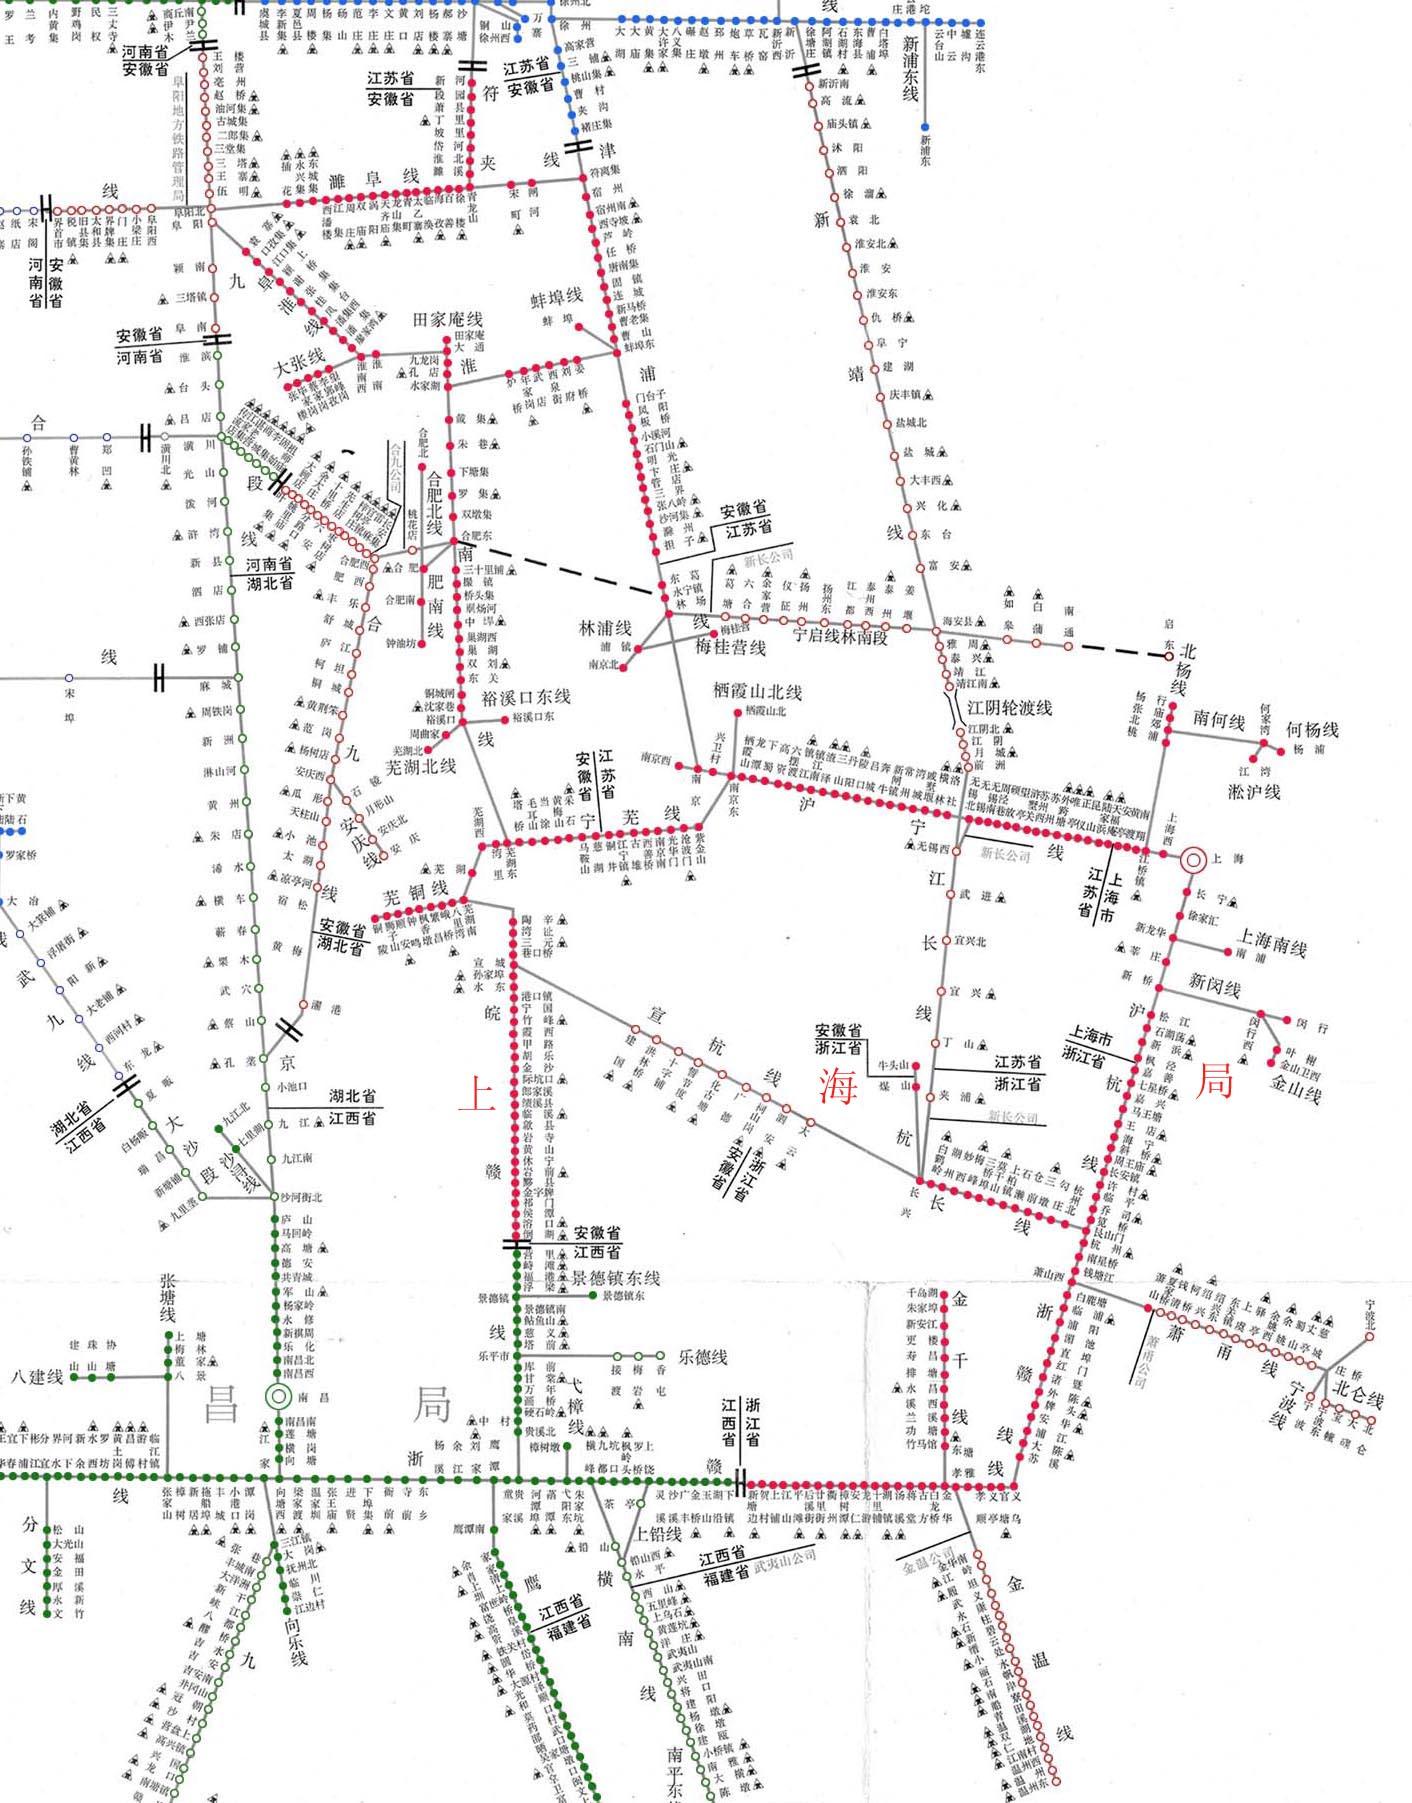 上海铁路局货运营业站示意图